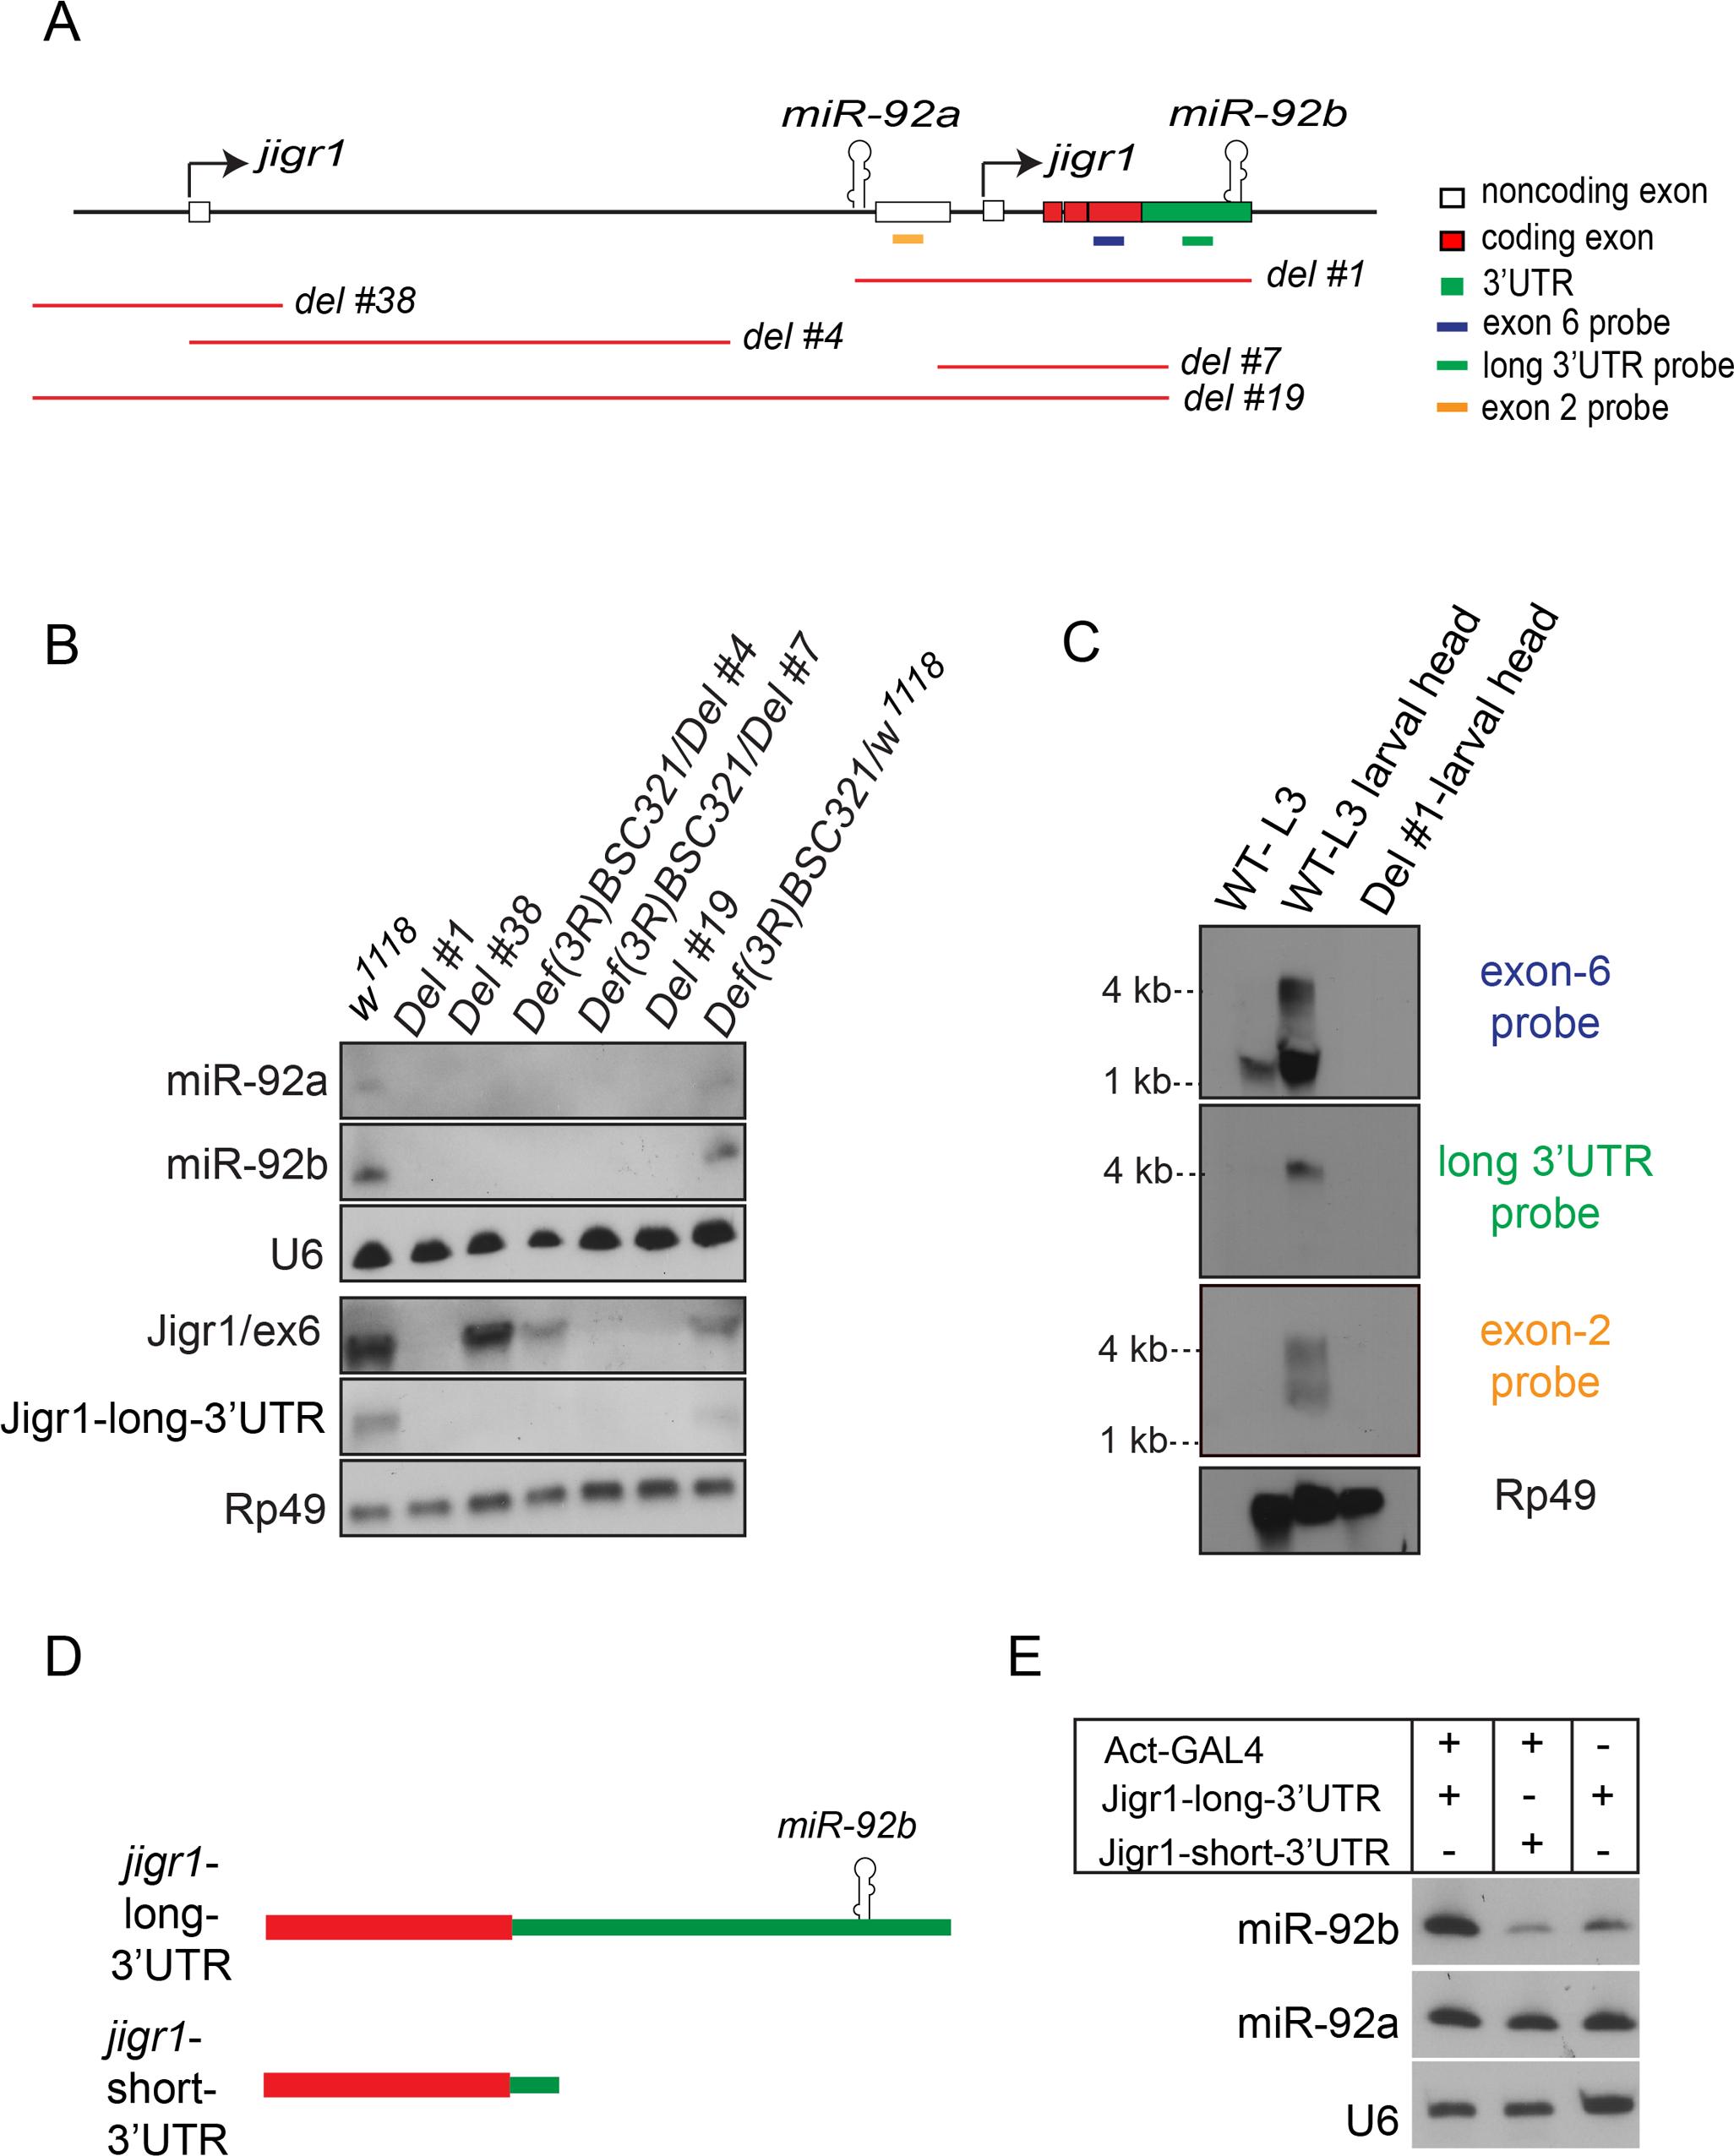 <i>miR-92a</i> and <i>miR-92b</i> are transcribed in the same transcriptional unit.